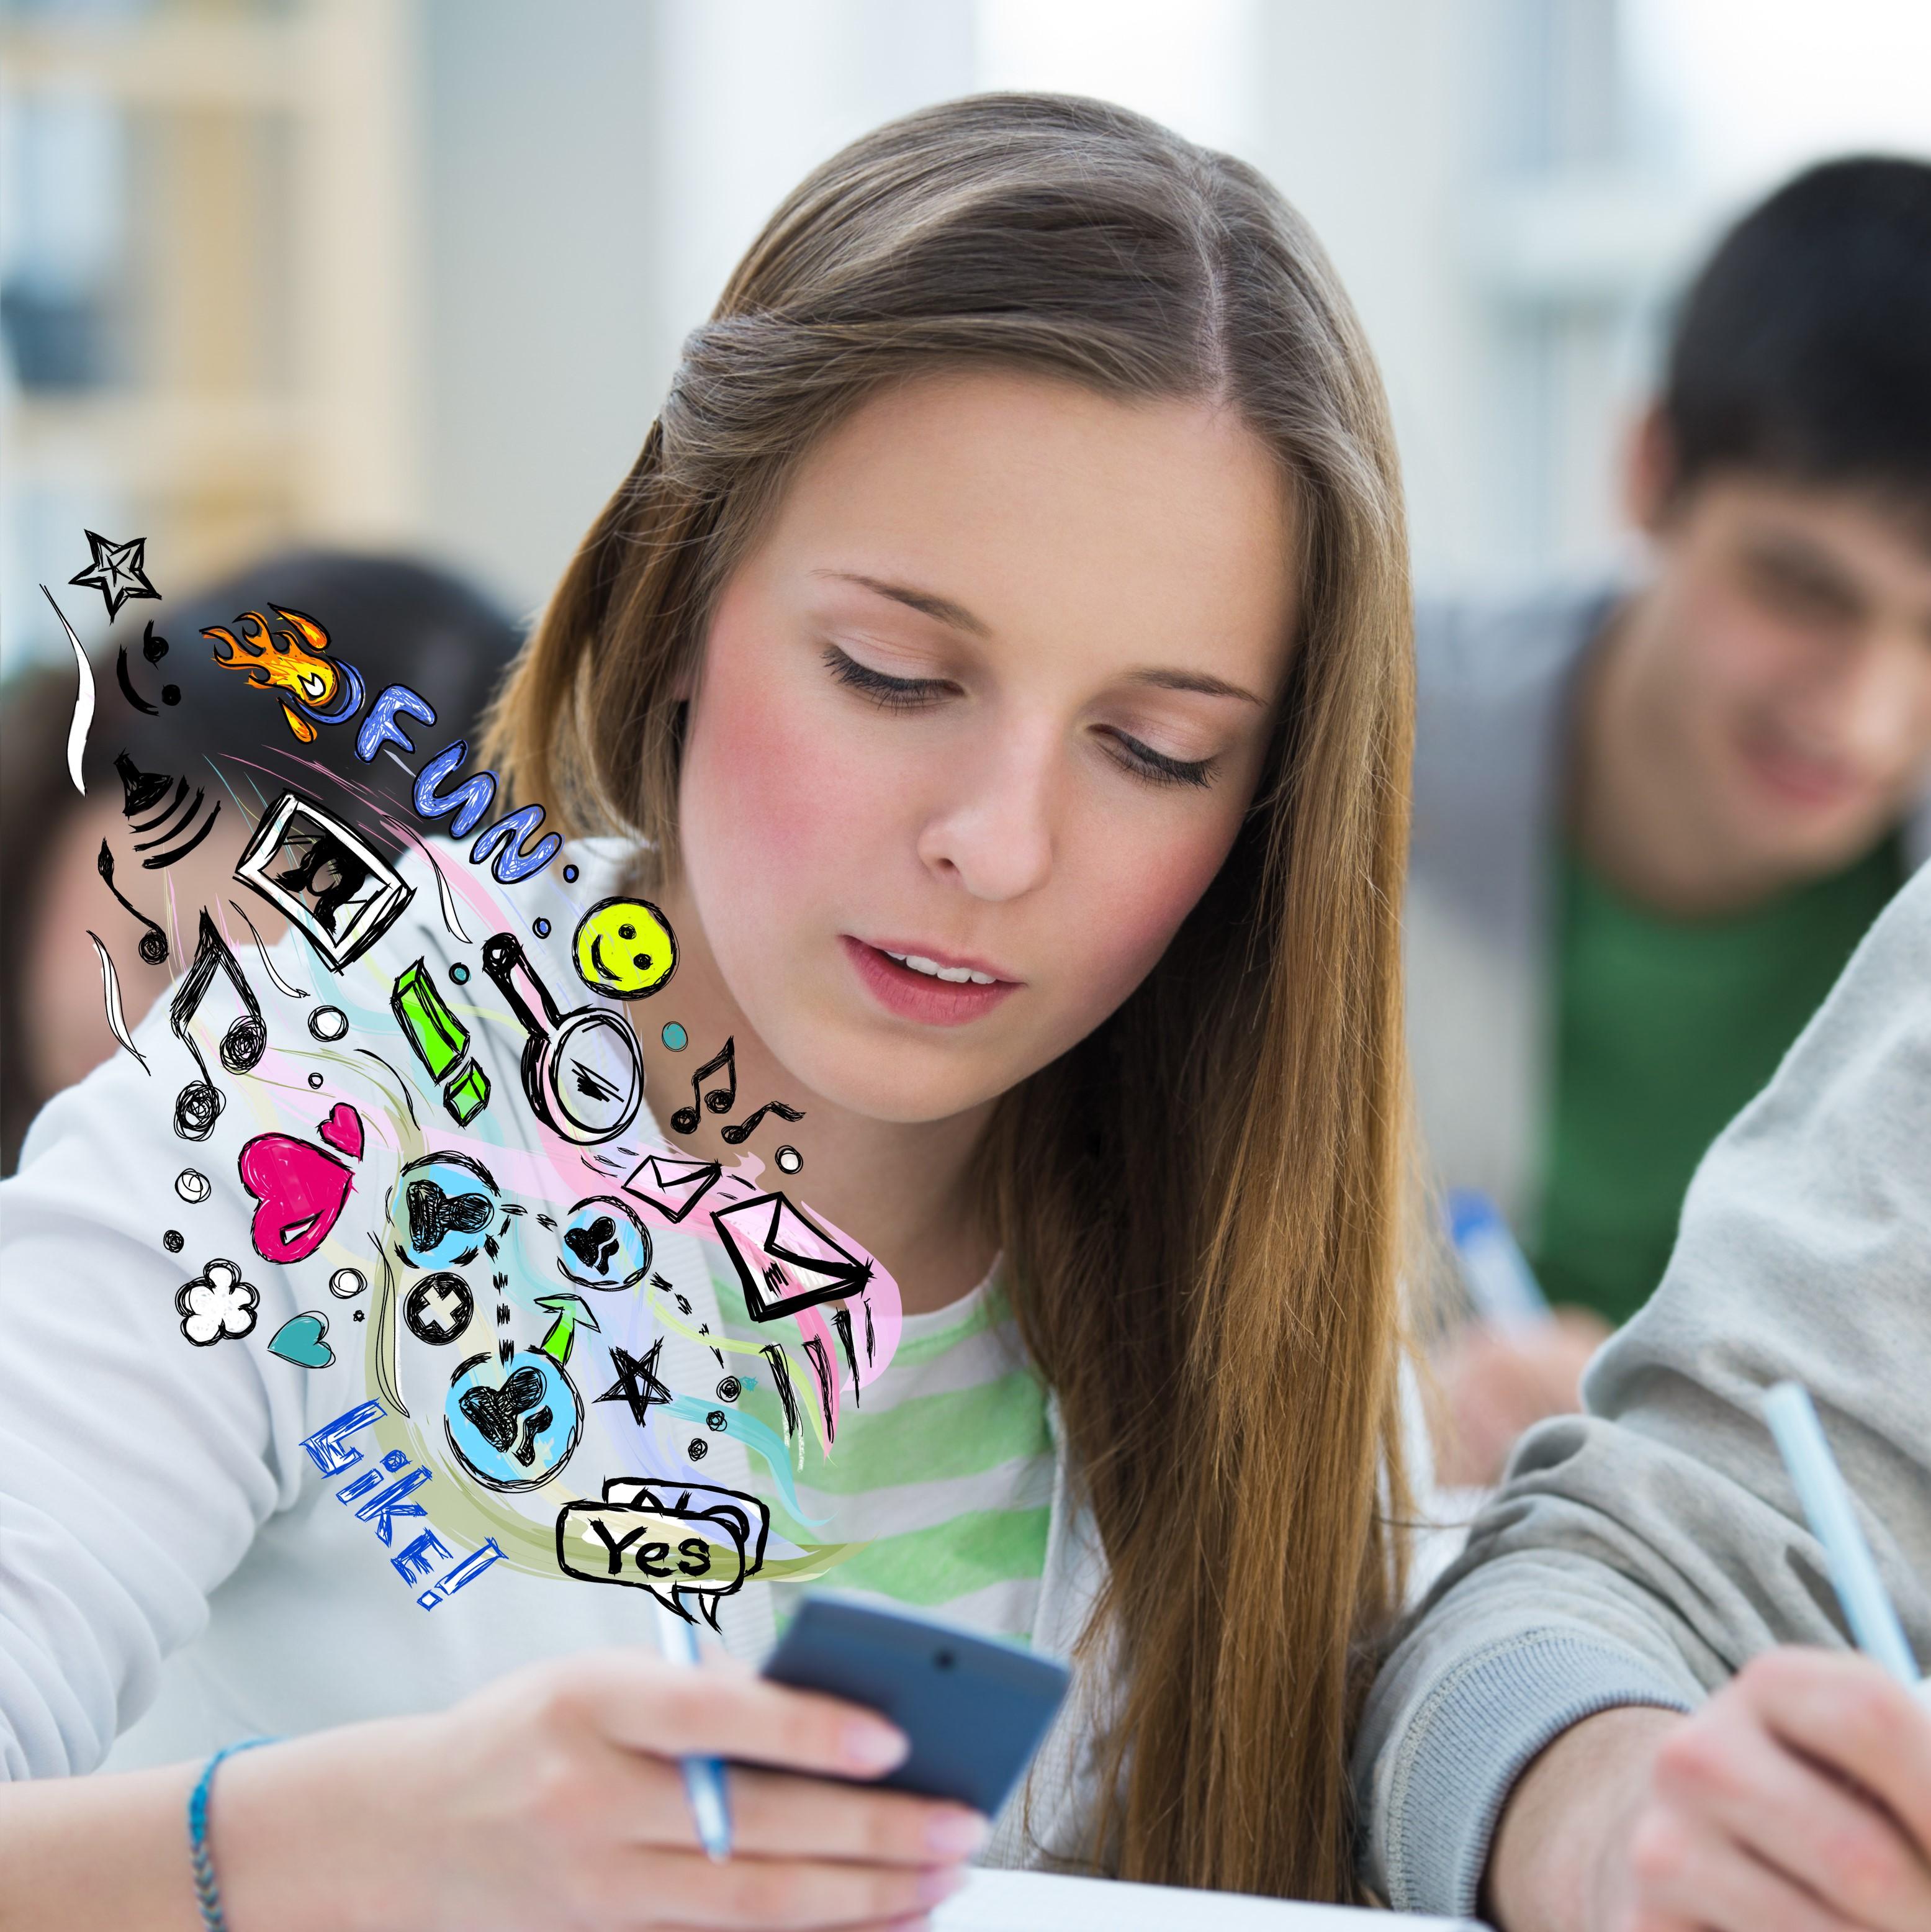 girl-on-cell-phone.jpg